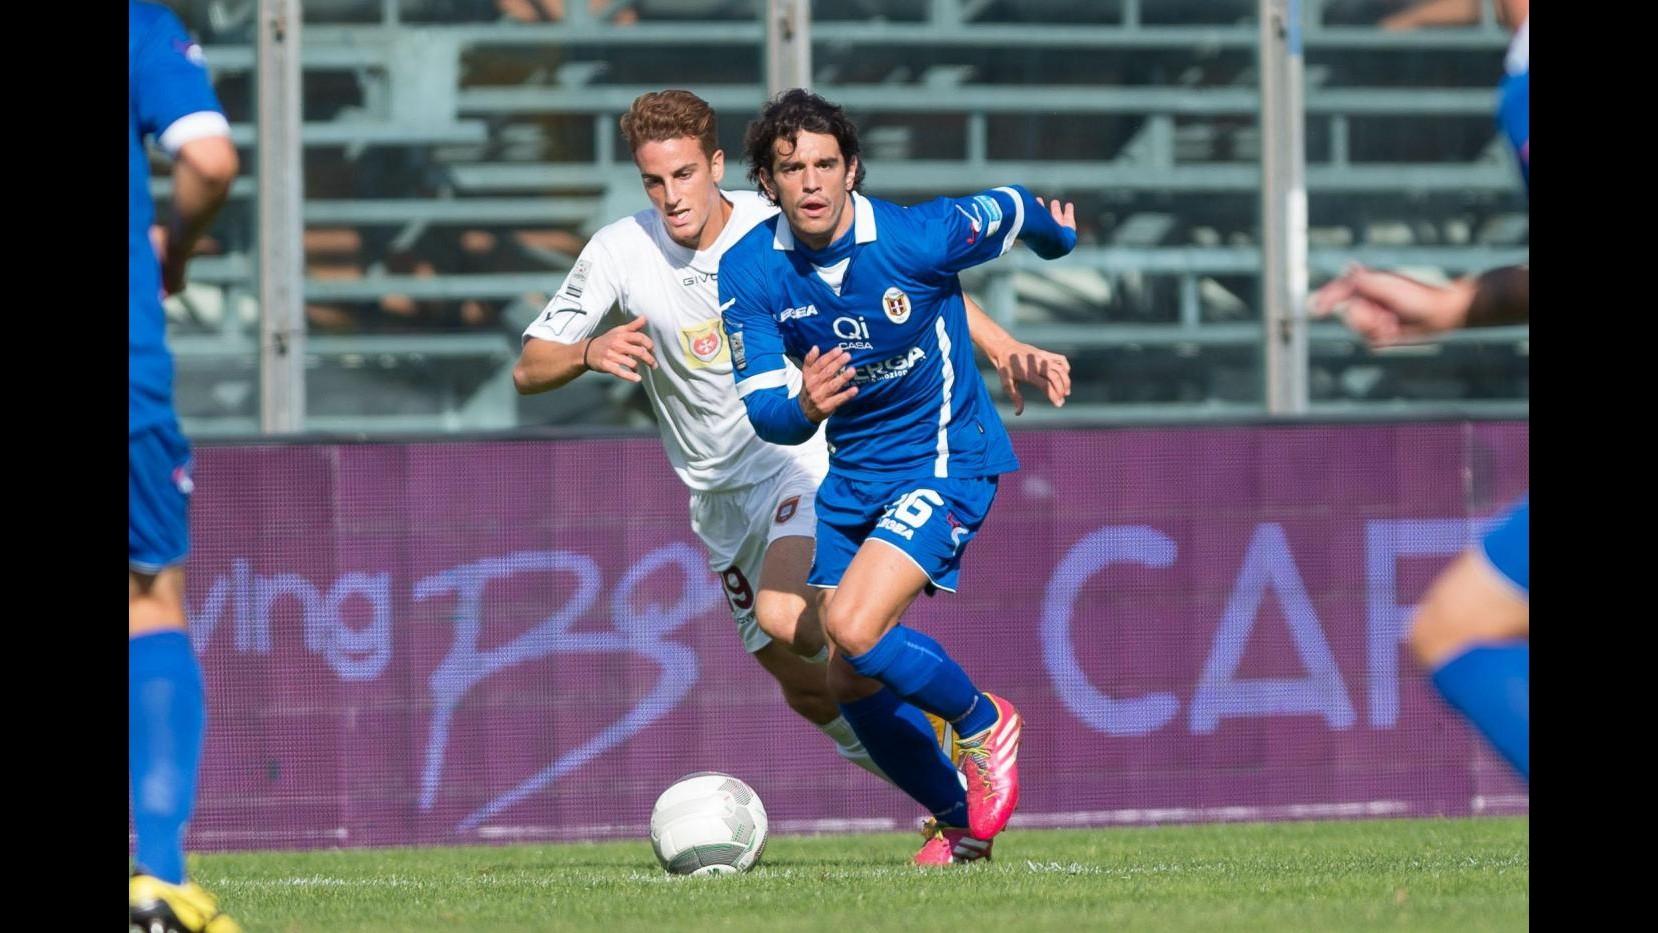 FOTO Lega Pro, il Como supera il Pontedera nel finale 3-1